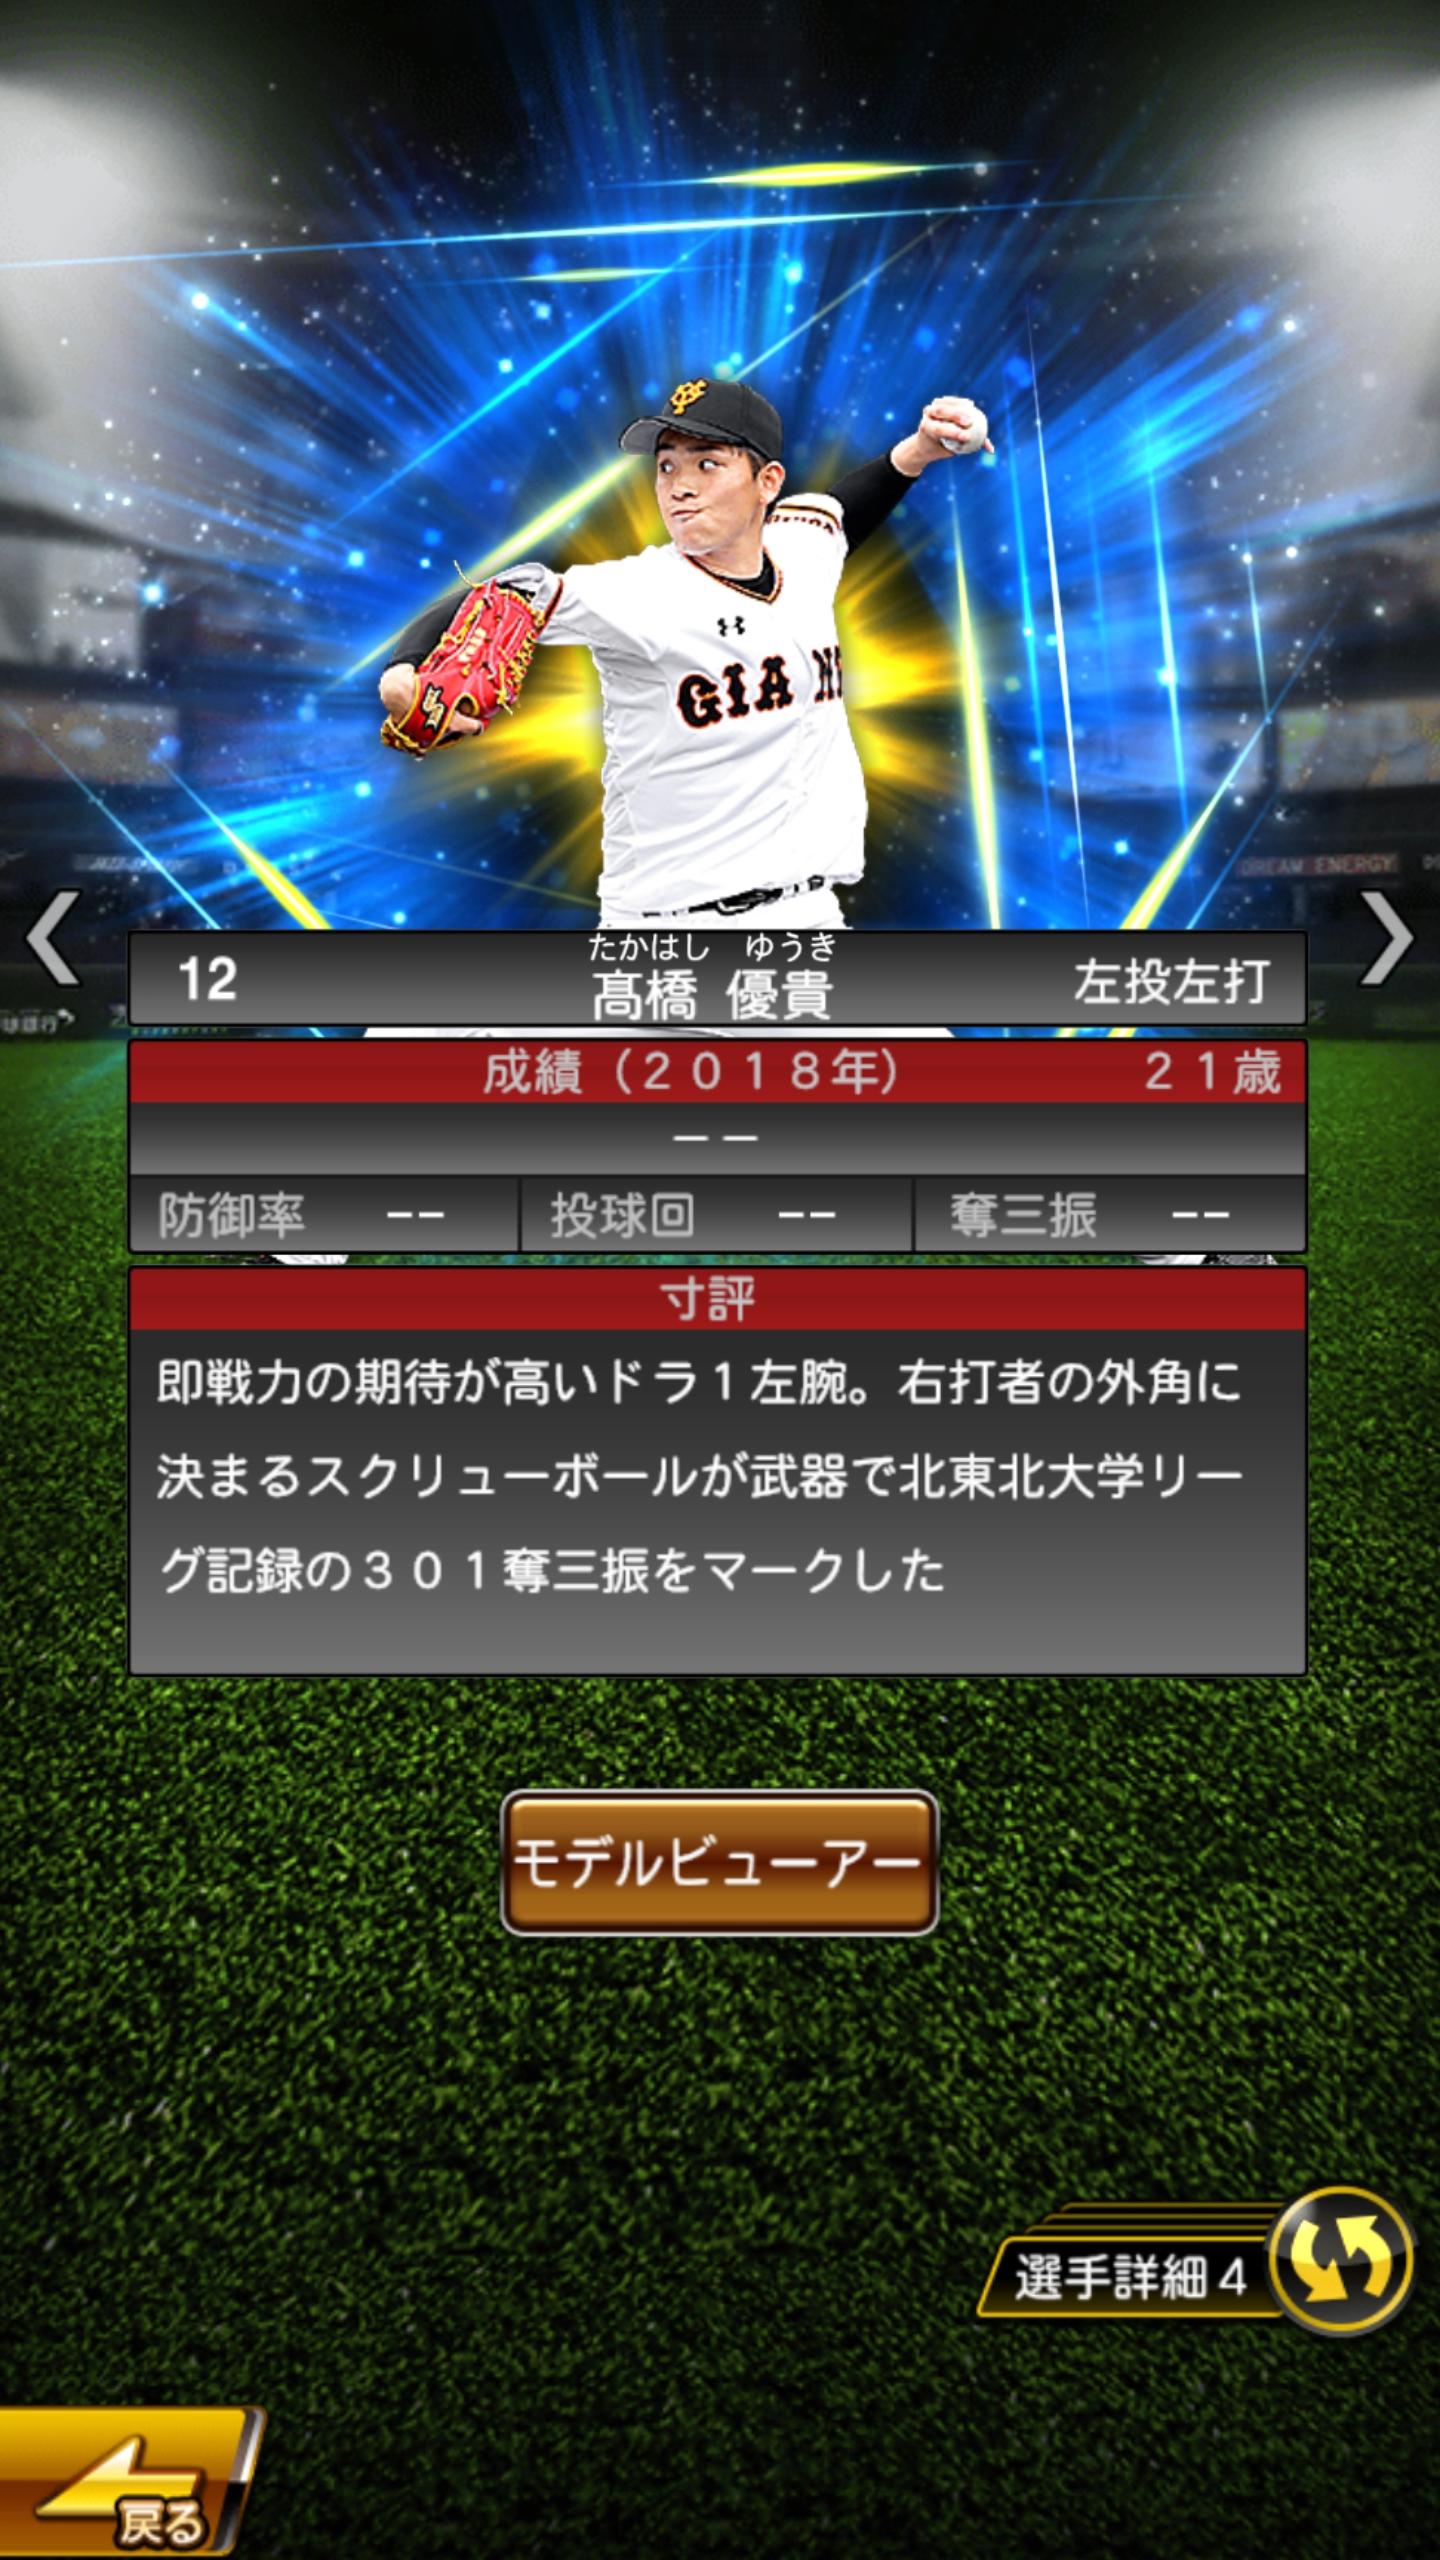 髙橋優貴の画像 p1_5